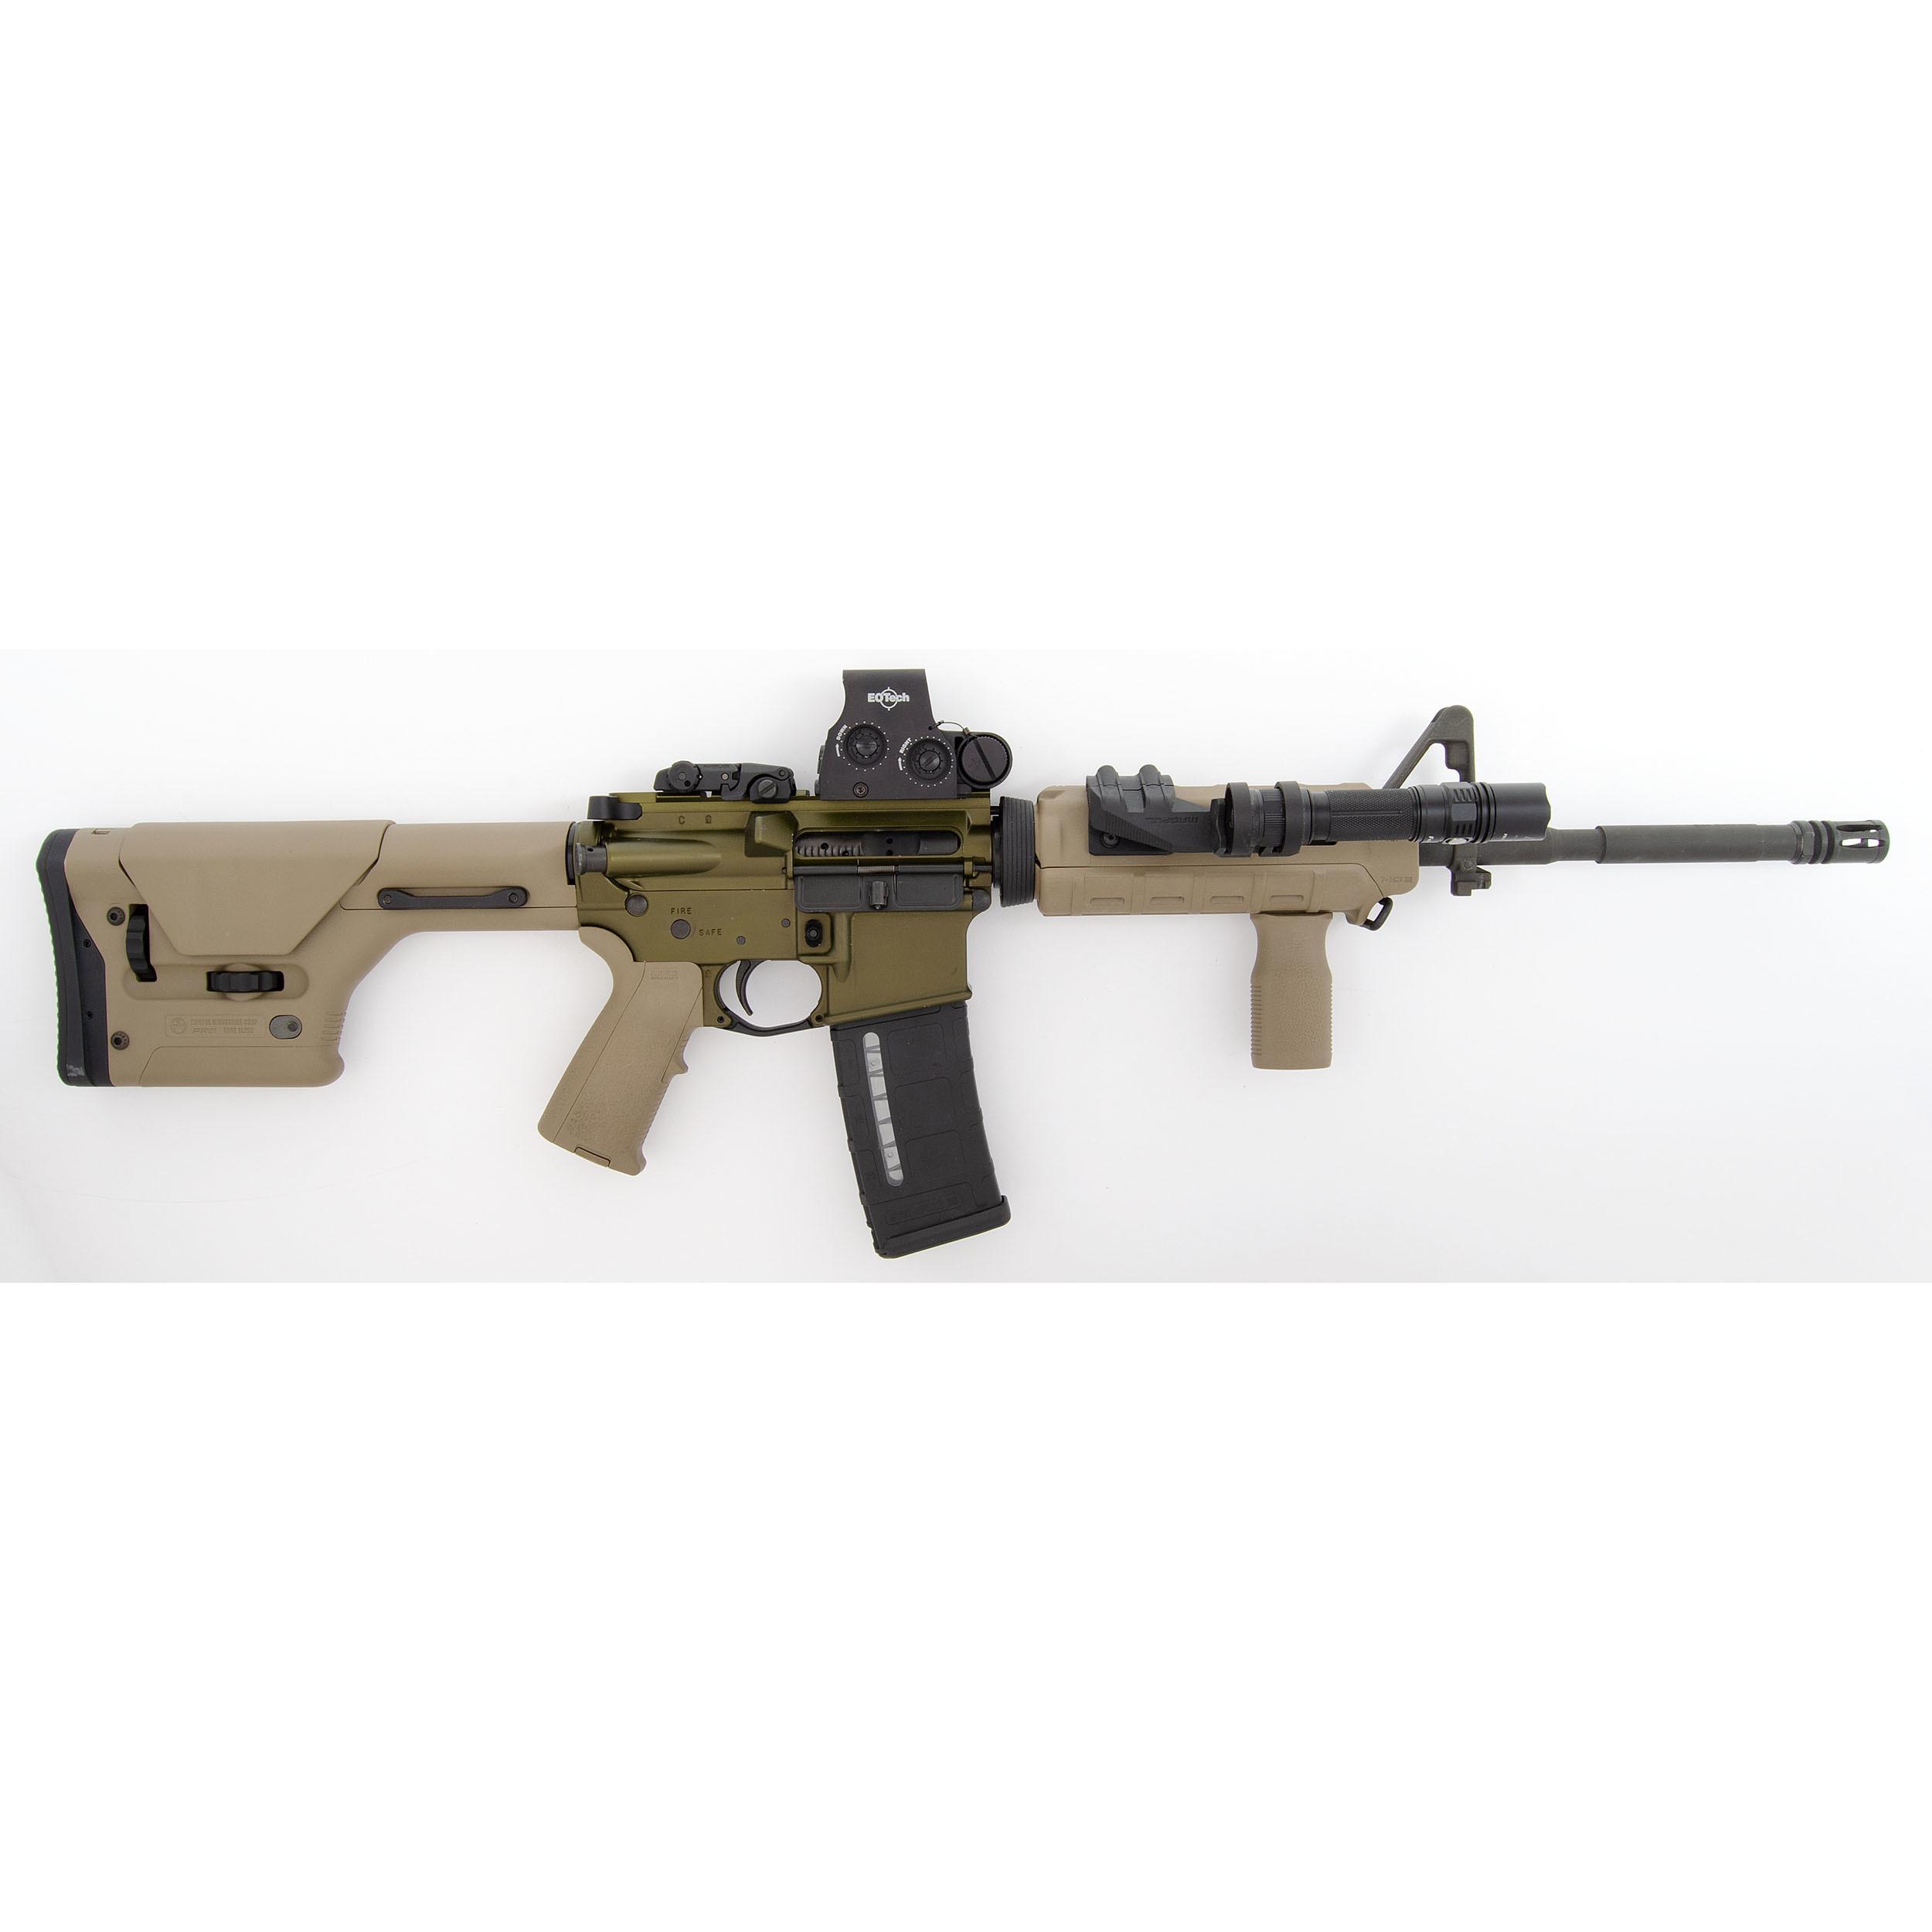 Colt M4 Carbine with EOTech Scope   Cowan's Auction House